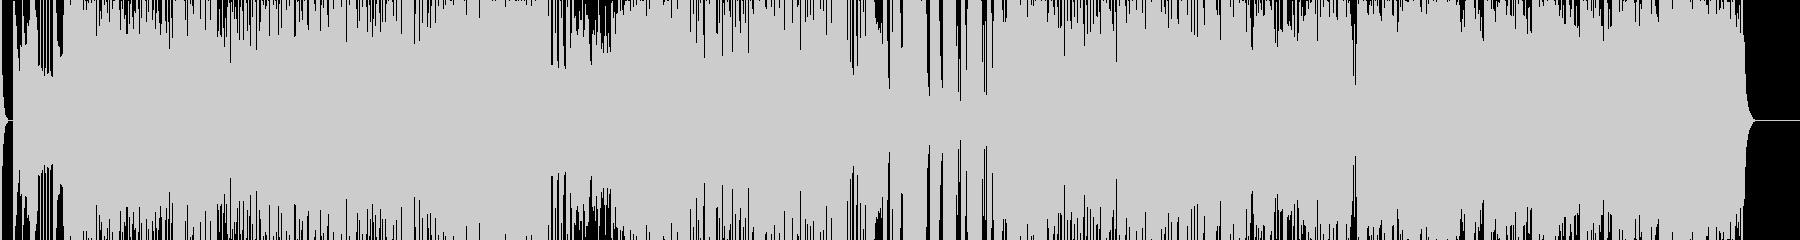 よさこい 演舞 4分 和楽器 三味線の未再生の波形